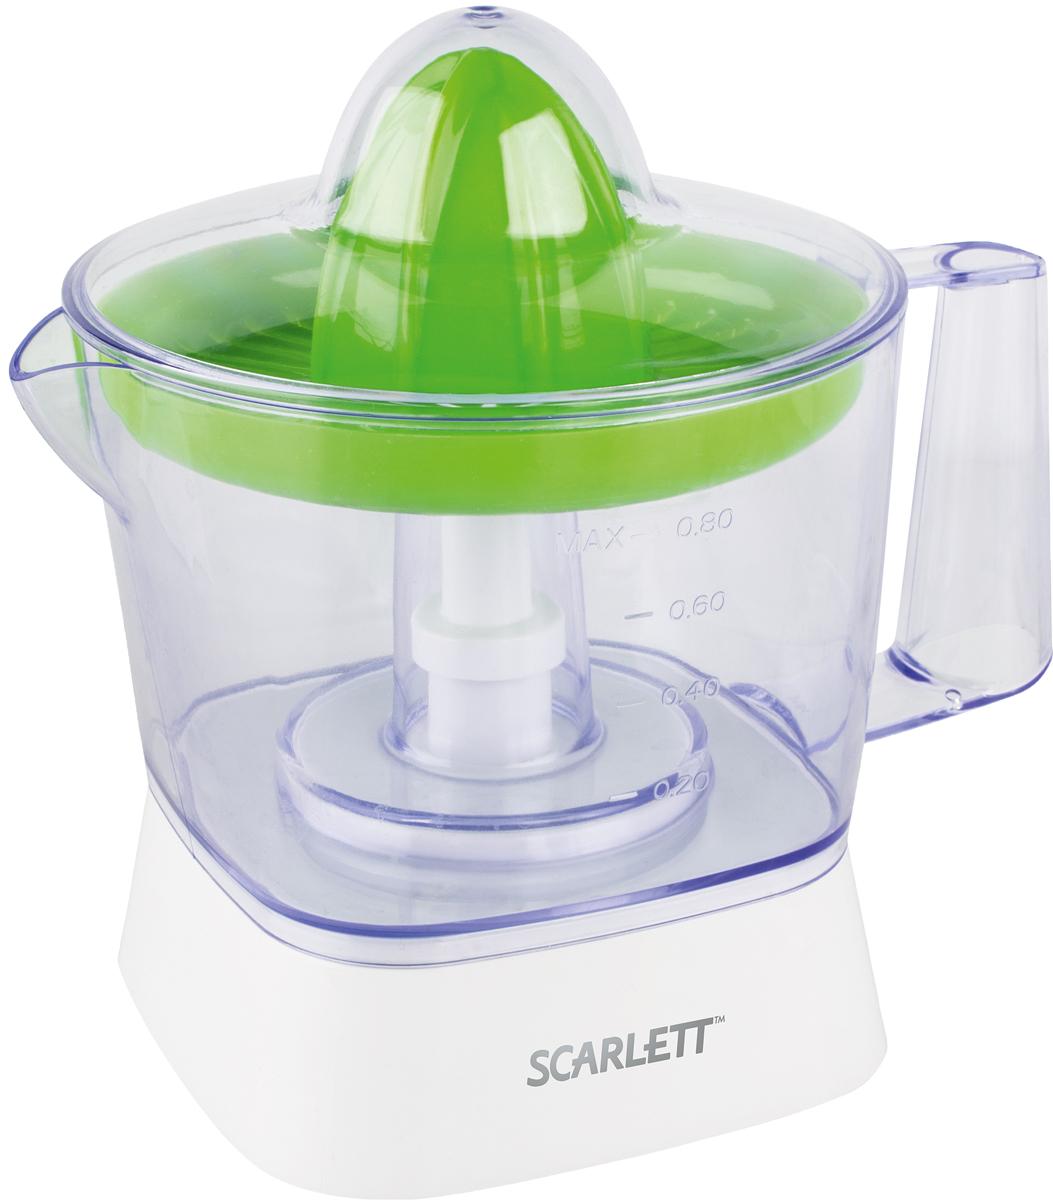 Scarlett SC-JE50C05, Green соковыжималкаSC-JE50C05Компактная соковыжималка Scarlett SC-JE50C05 не займёт много места на кухне. Её можно установить в любом удобном месте.Объём резервуара для сока составляет 800 мл. Резервуар съёмный, оснащён ручкой и носиком, поэтому его можно использовать для подачи сока на стол, наливания его в стаканы, а также для хранения. На стенки нанесена градуировка, помогающая понять, сколько сока находится в ёмкости.Соковыжималка работает в импульсном режиме, это обеспечивает особенную эффективность, позволяет выжать из каждого плода максимум сока.